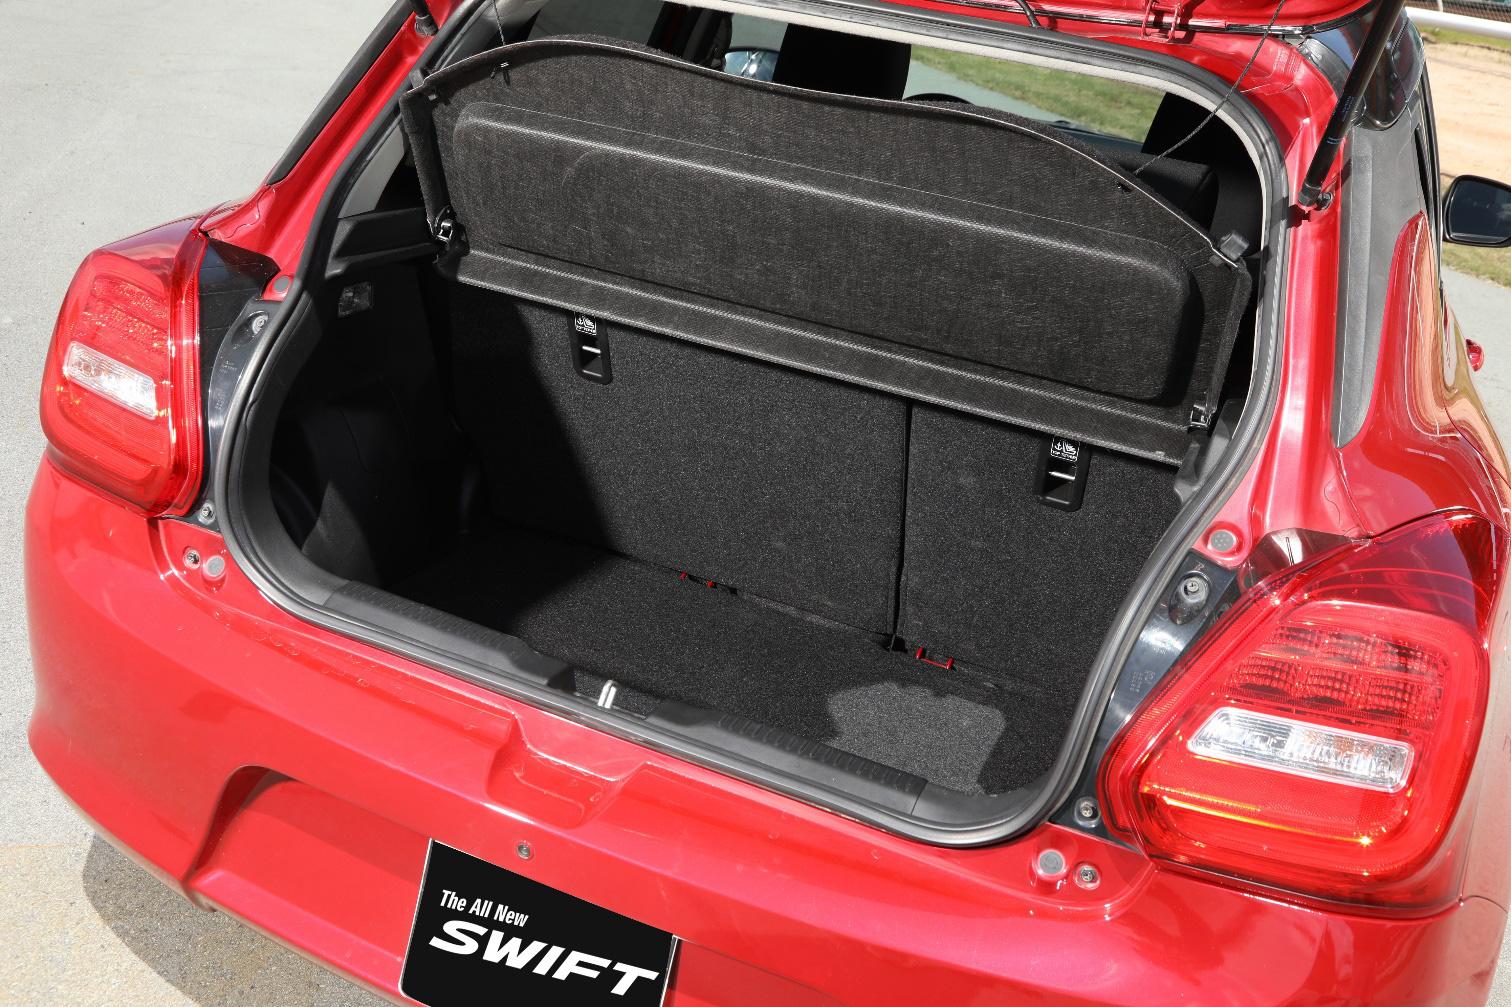 Suzuki Swift - Hatchback thời trang mang thiết kế châu Âu - Ảnh 5.